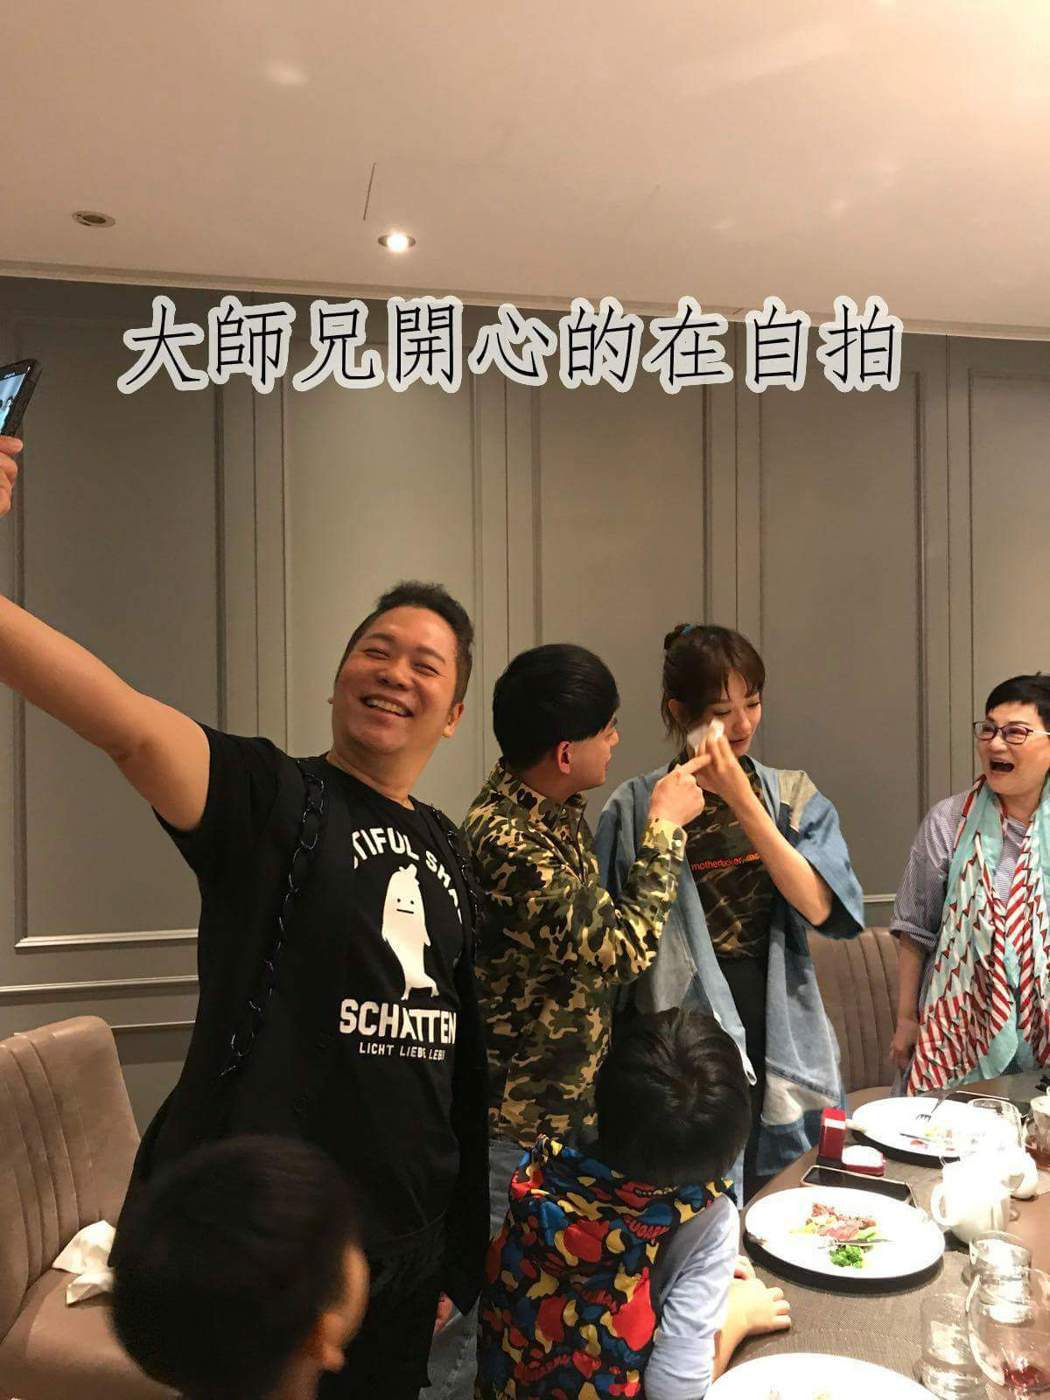 卜學亮(左)開心自拍。圖/摘自張小燕臉書